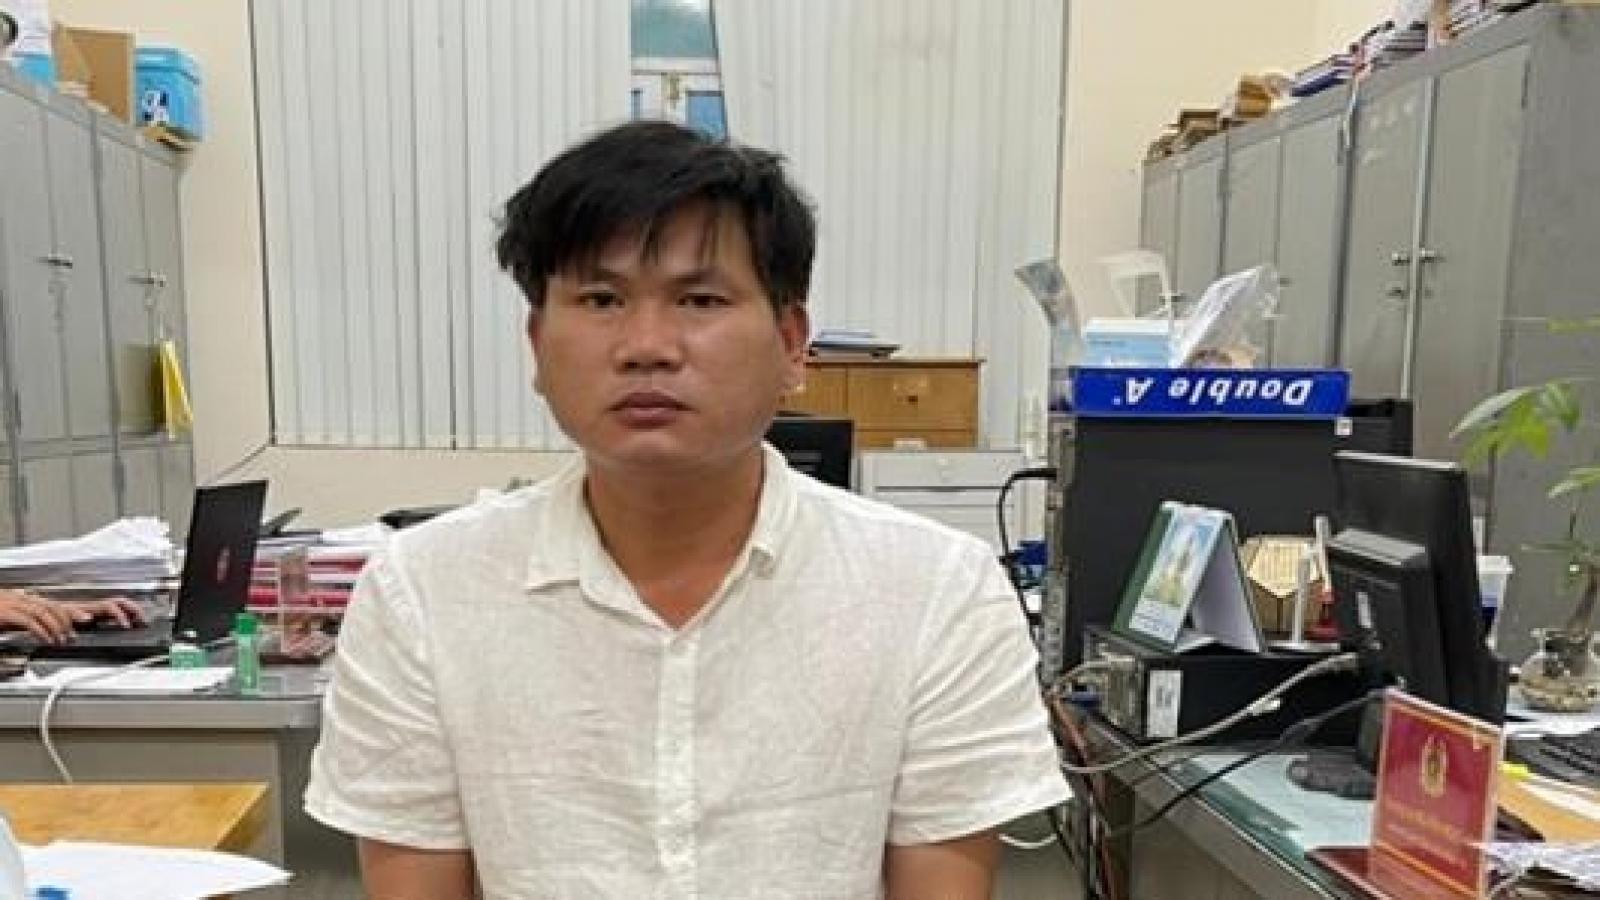 Bắt tạm giam cựu PhóGiám đốcTrung tâm hội nghị và tổ chức sự kiệntỉnhĐồng Nai